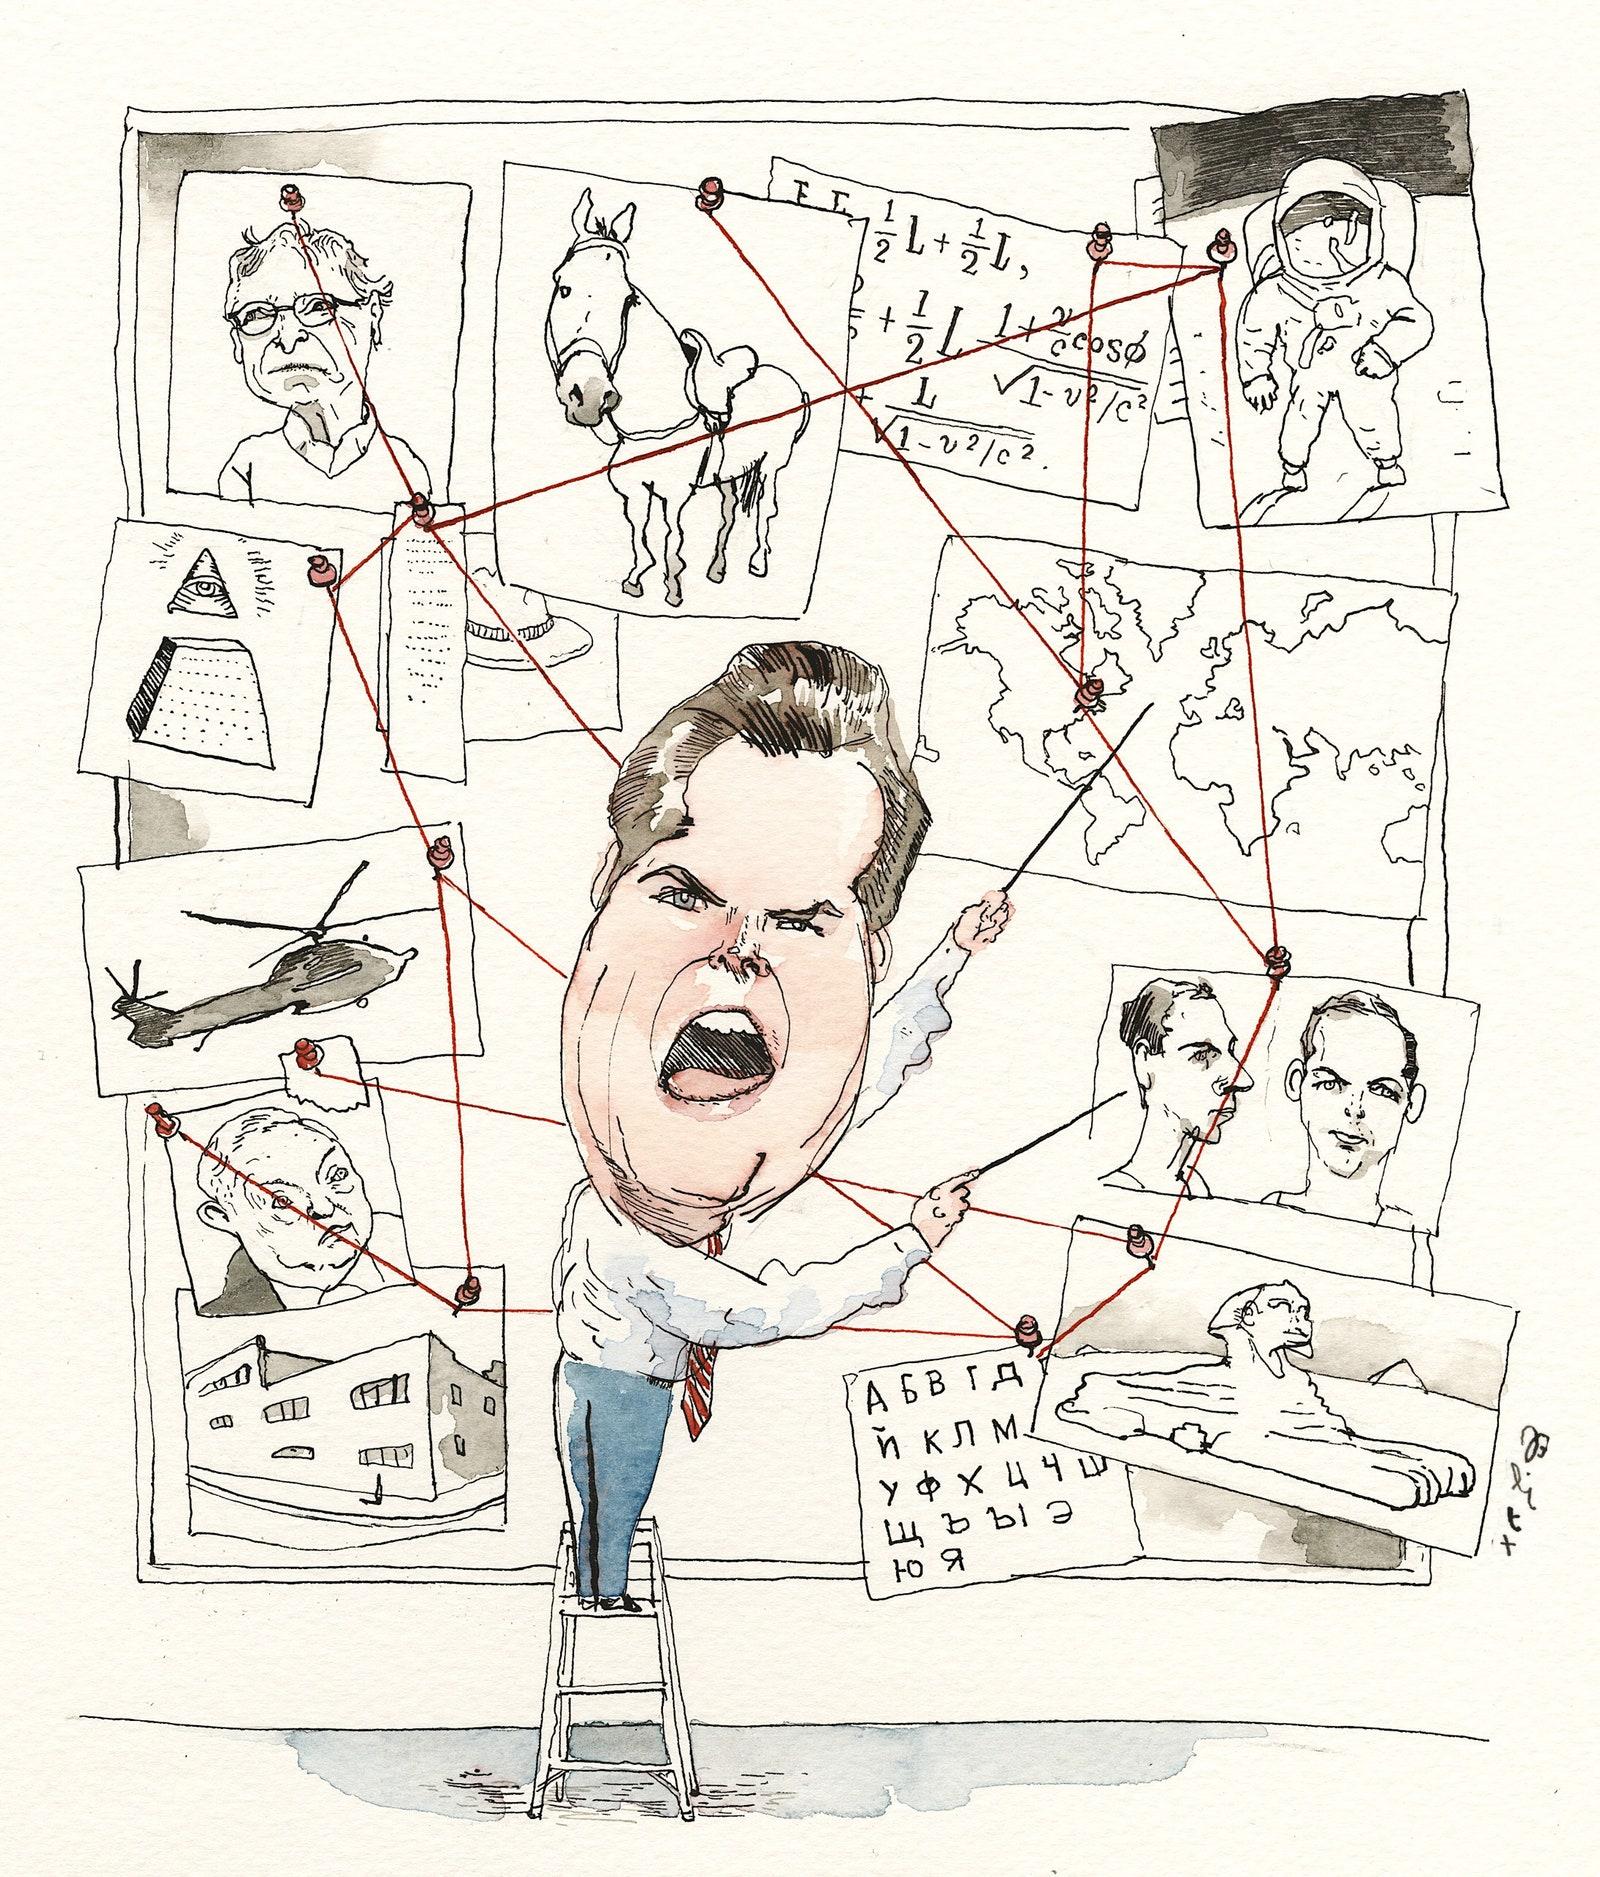 Barry Blitt, The New Yorker